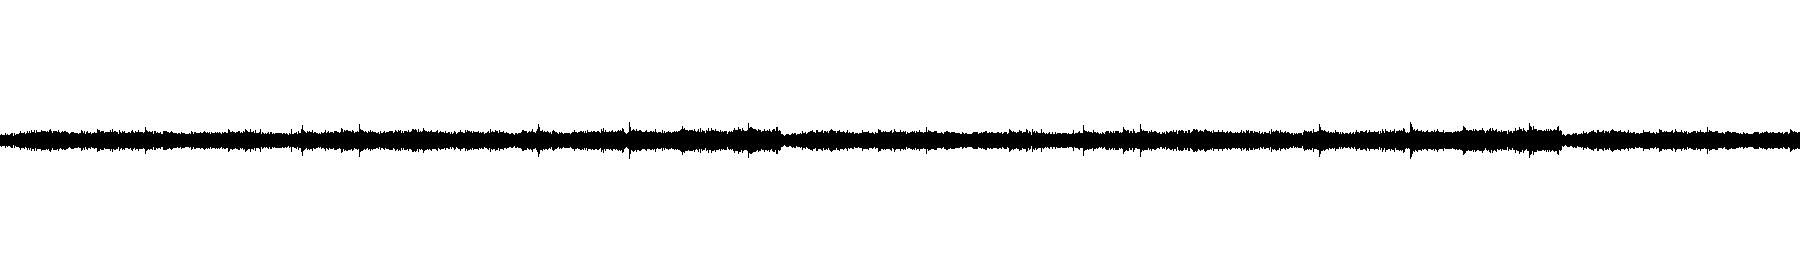 0001 10 audio